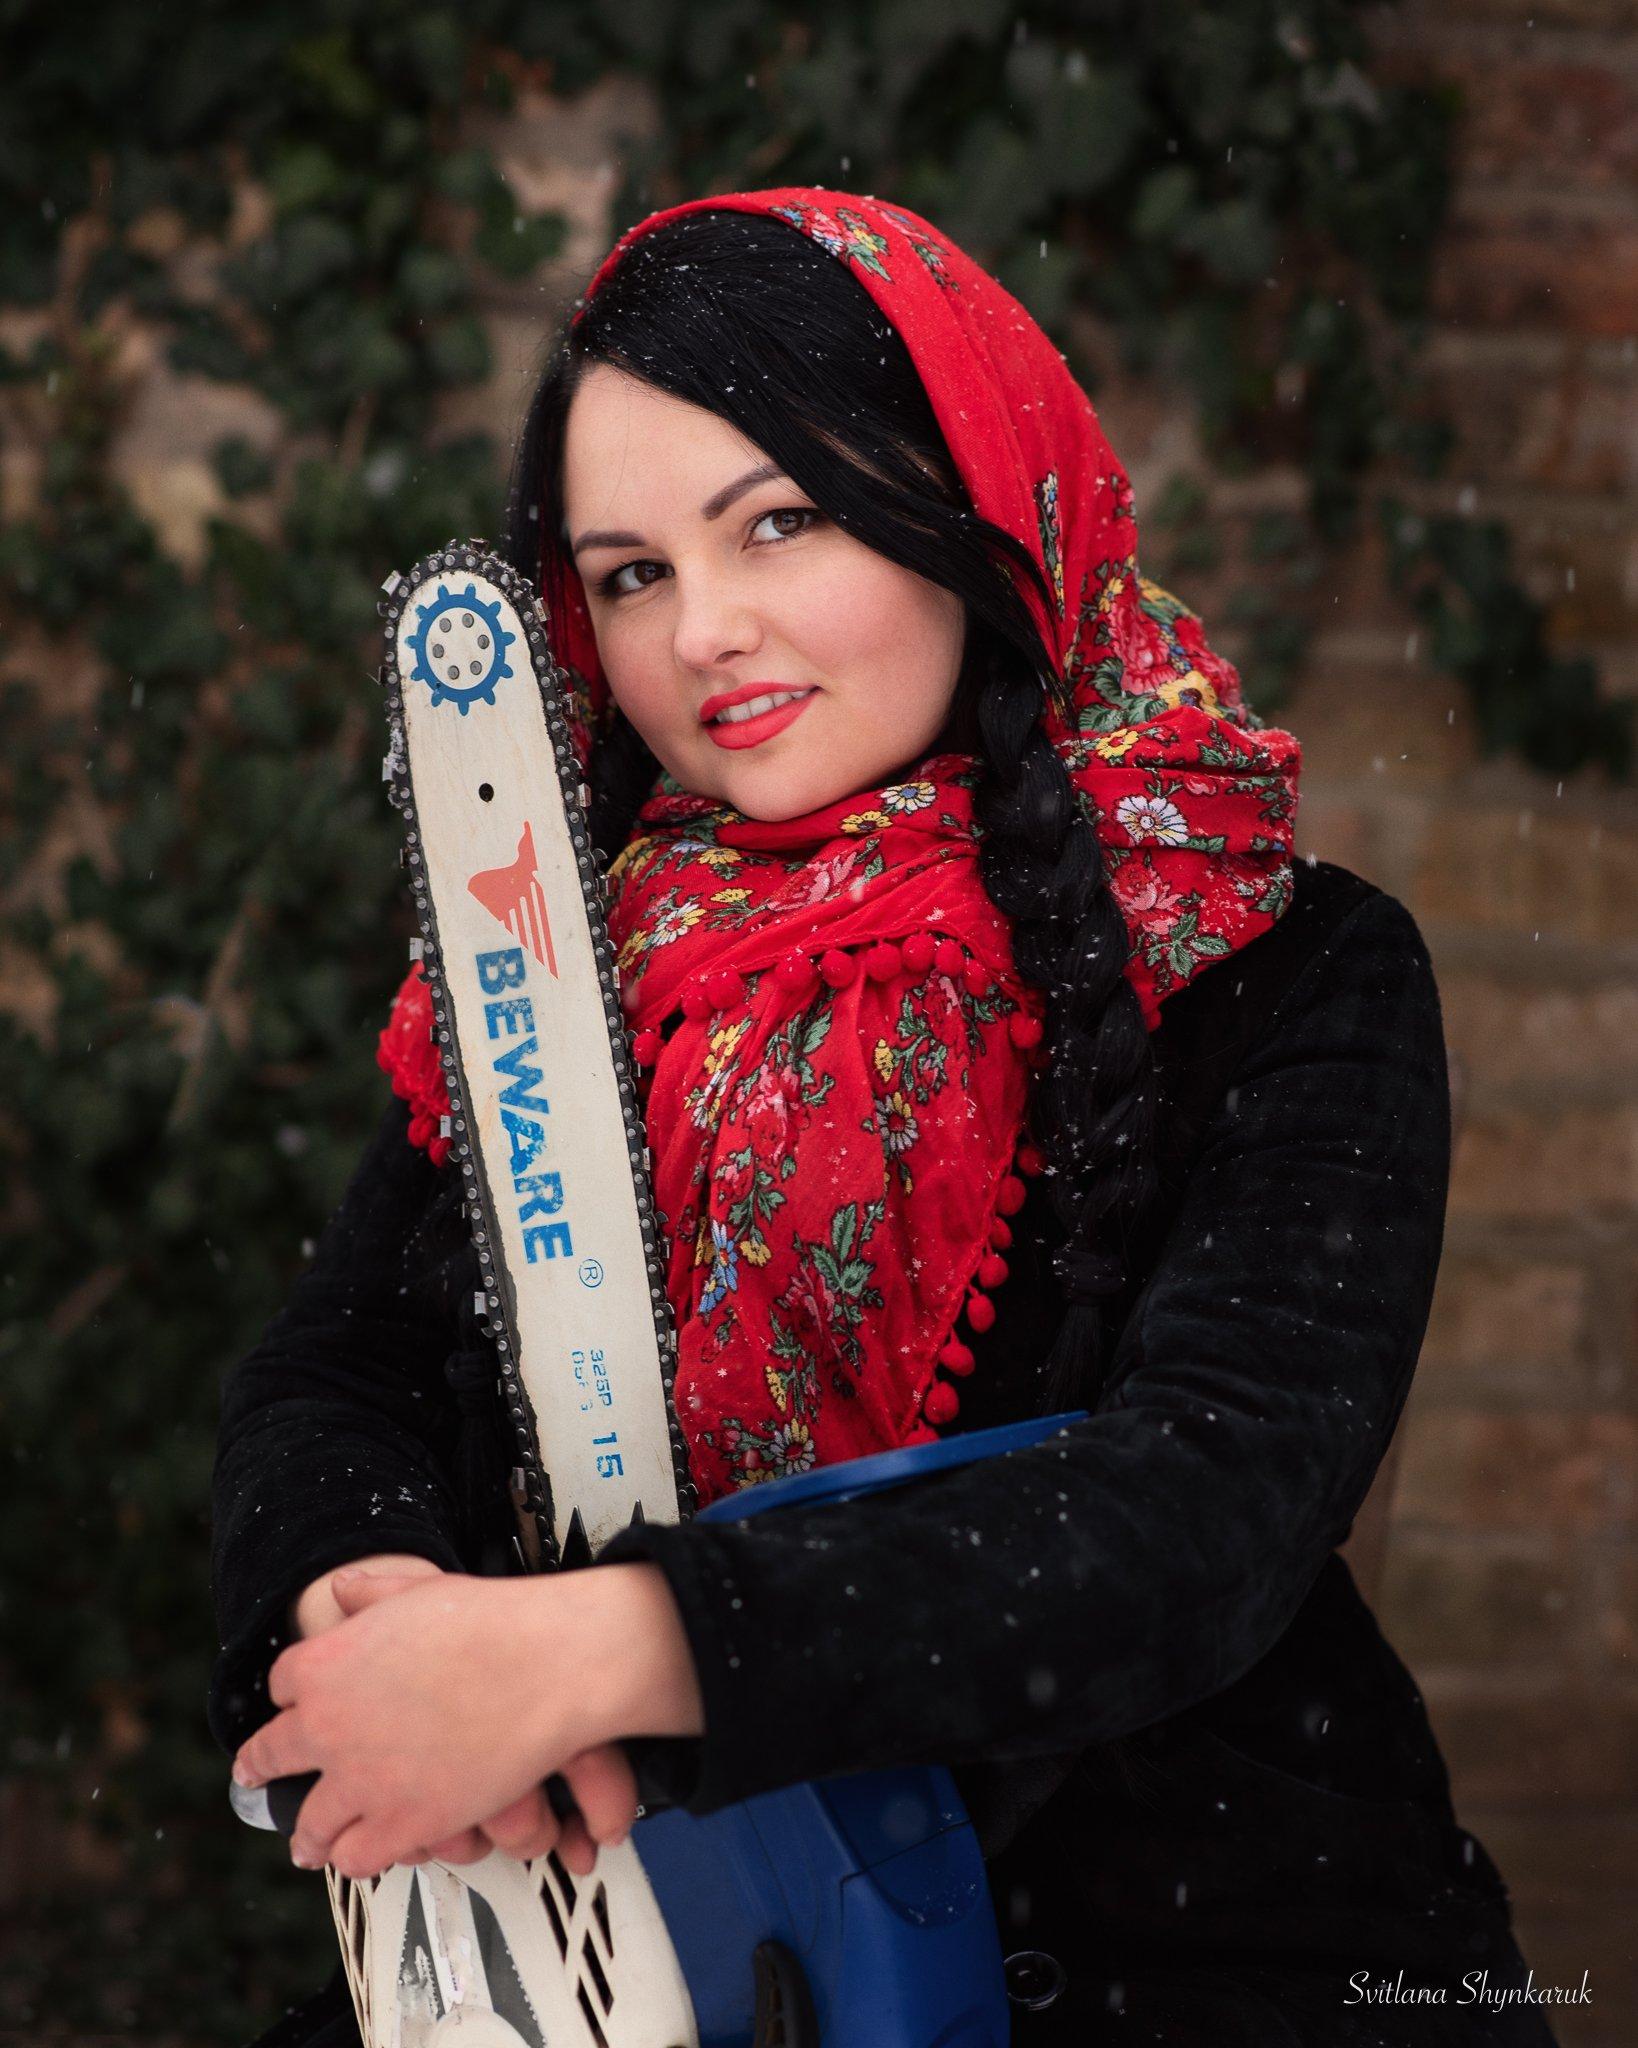 portrait, natural beauty, female portrait, Шинкарук Светлана